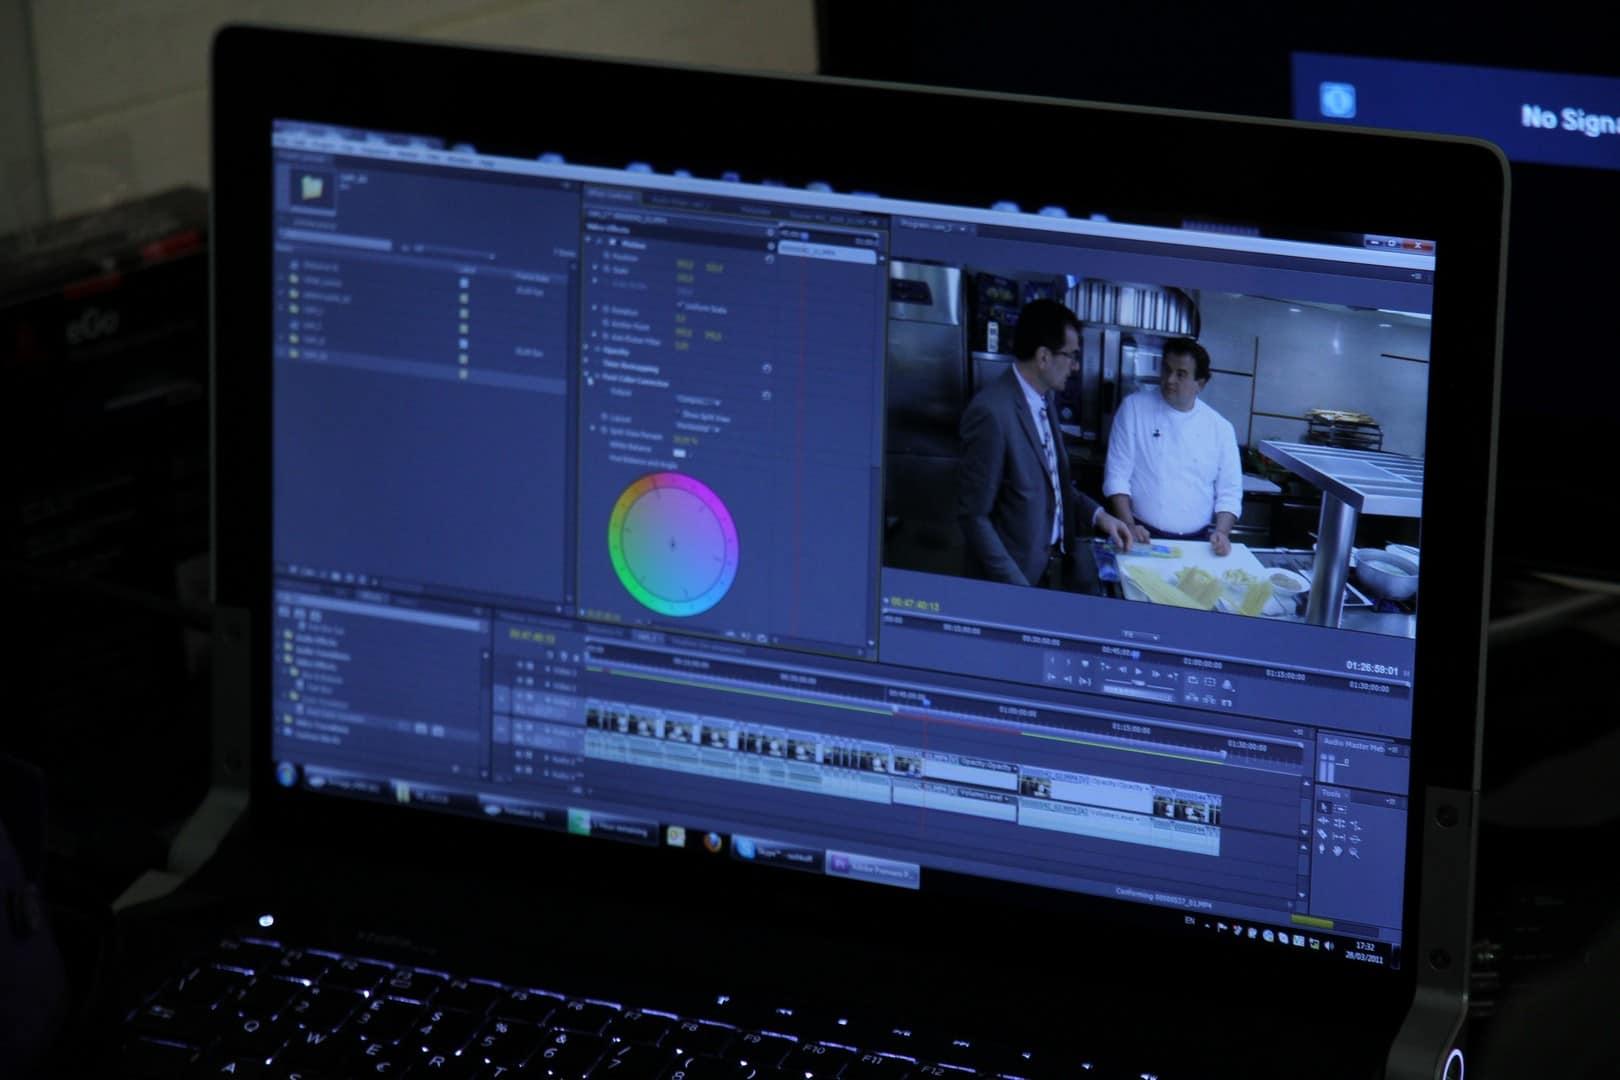 Videoproduzioni-postproduzione-eventi-streaming-service-broadcast-noleggio (10)